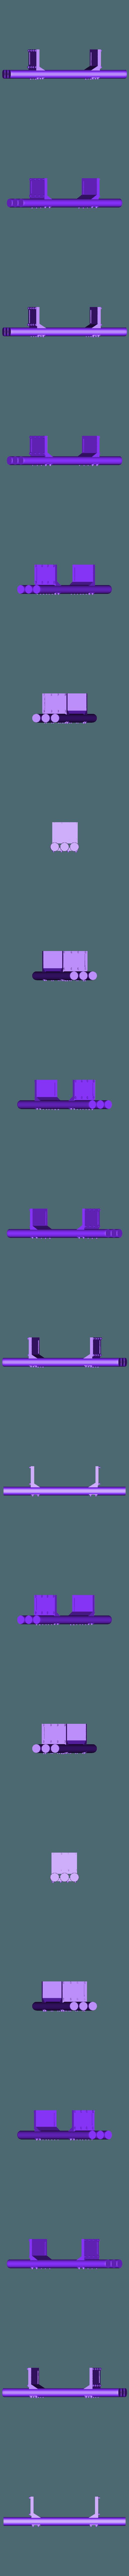 skull_hammer_bar_front.stl Télécharger fichier STL gratuit Demi-rail à vapeur / orque / orque • Modèle pour impression 3D, redstarkits